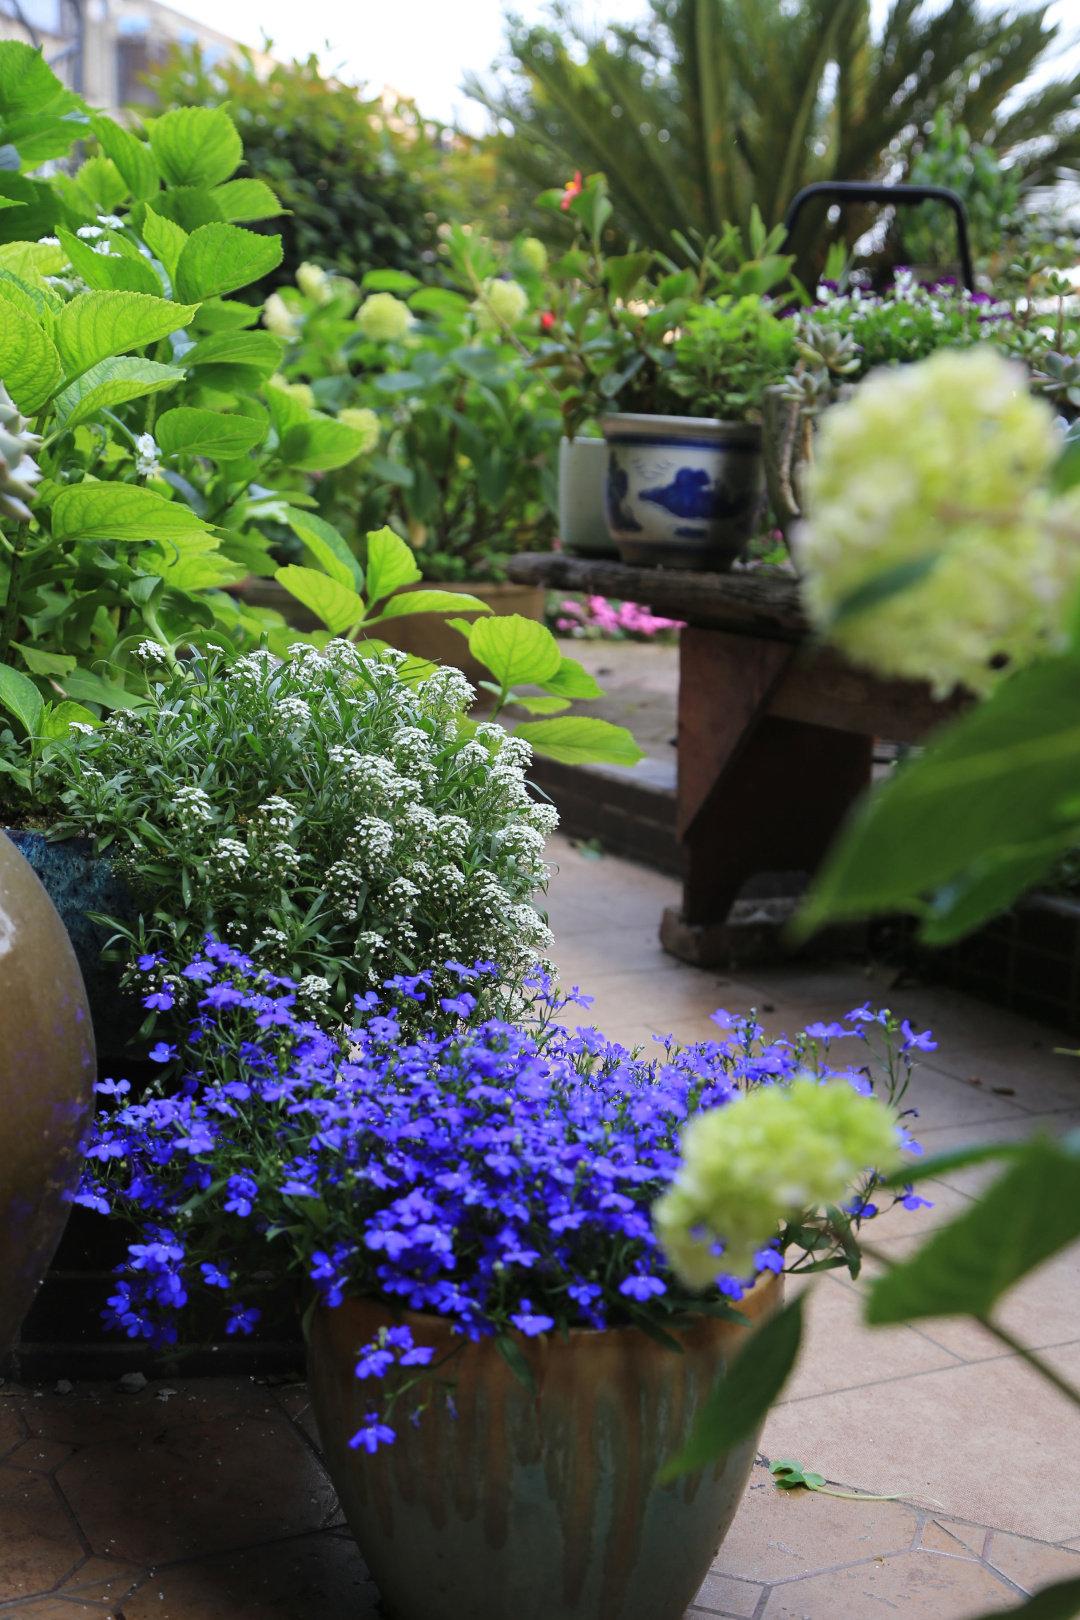 Khu vườn quanh năm chỉ có mùa xuân với hoa nở tưng bừng của cô giáo dạy Toán-7